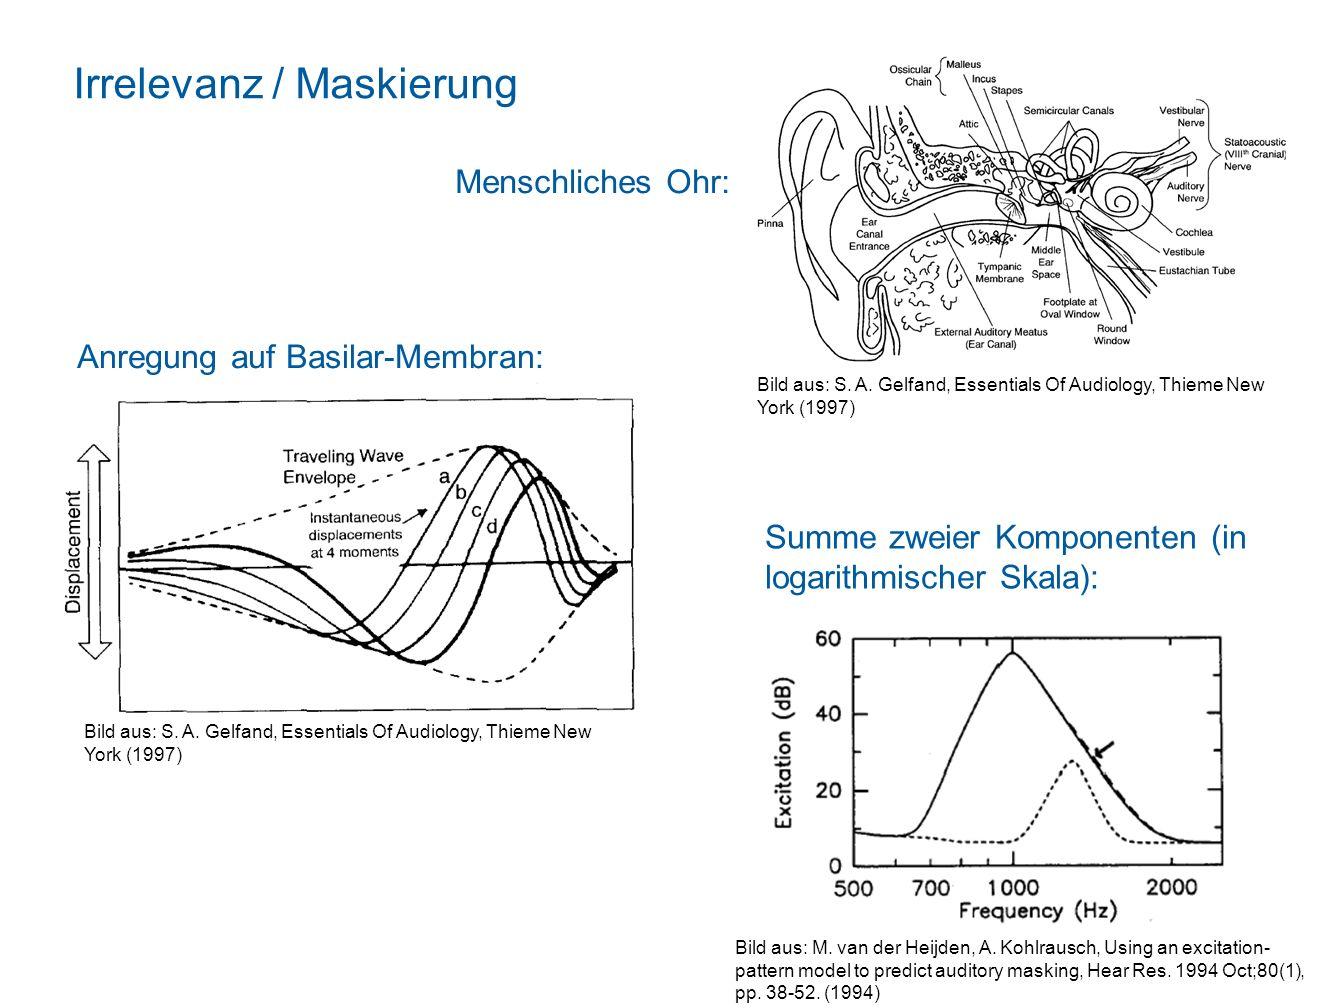 Irrelevanz / Maskierung Maskierung: Die Anwesenheit eines Reizes, des Maskierers, reduziert die Wahrnehmung eines anderen, des Ziels. Eine Audio-Kompo